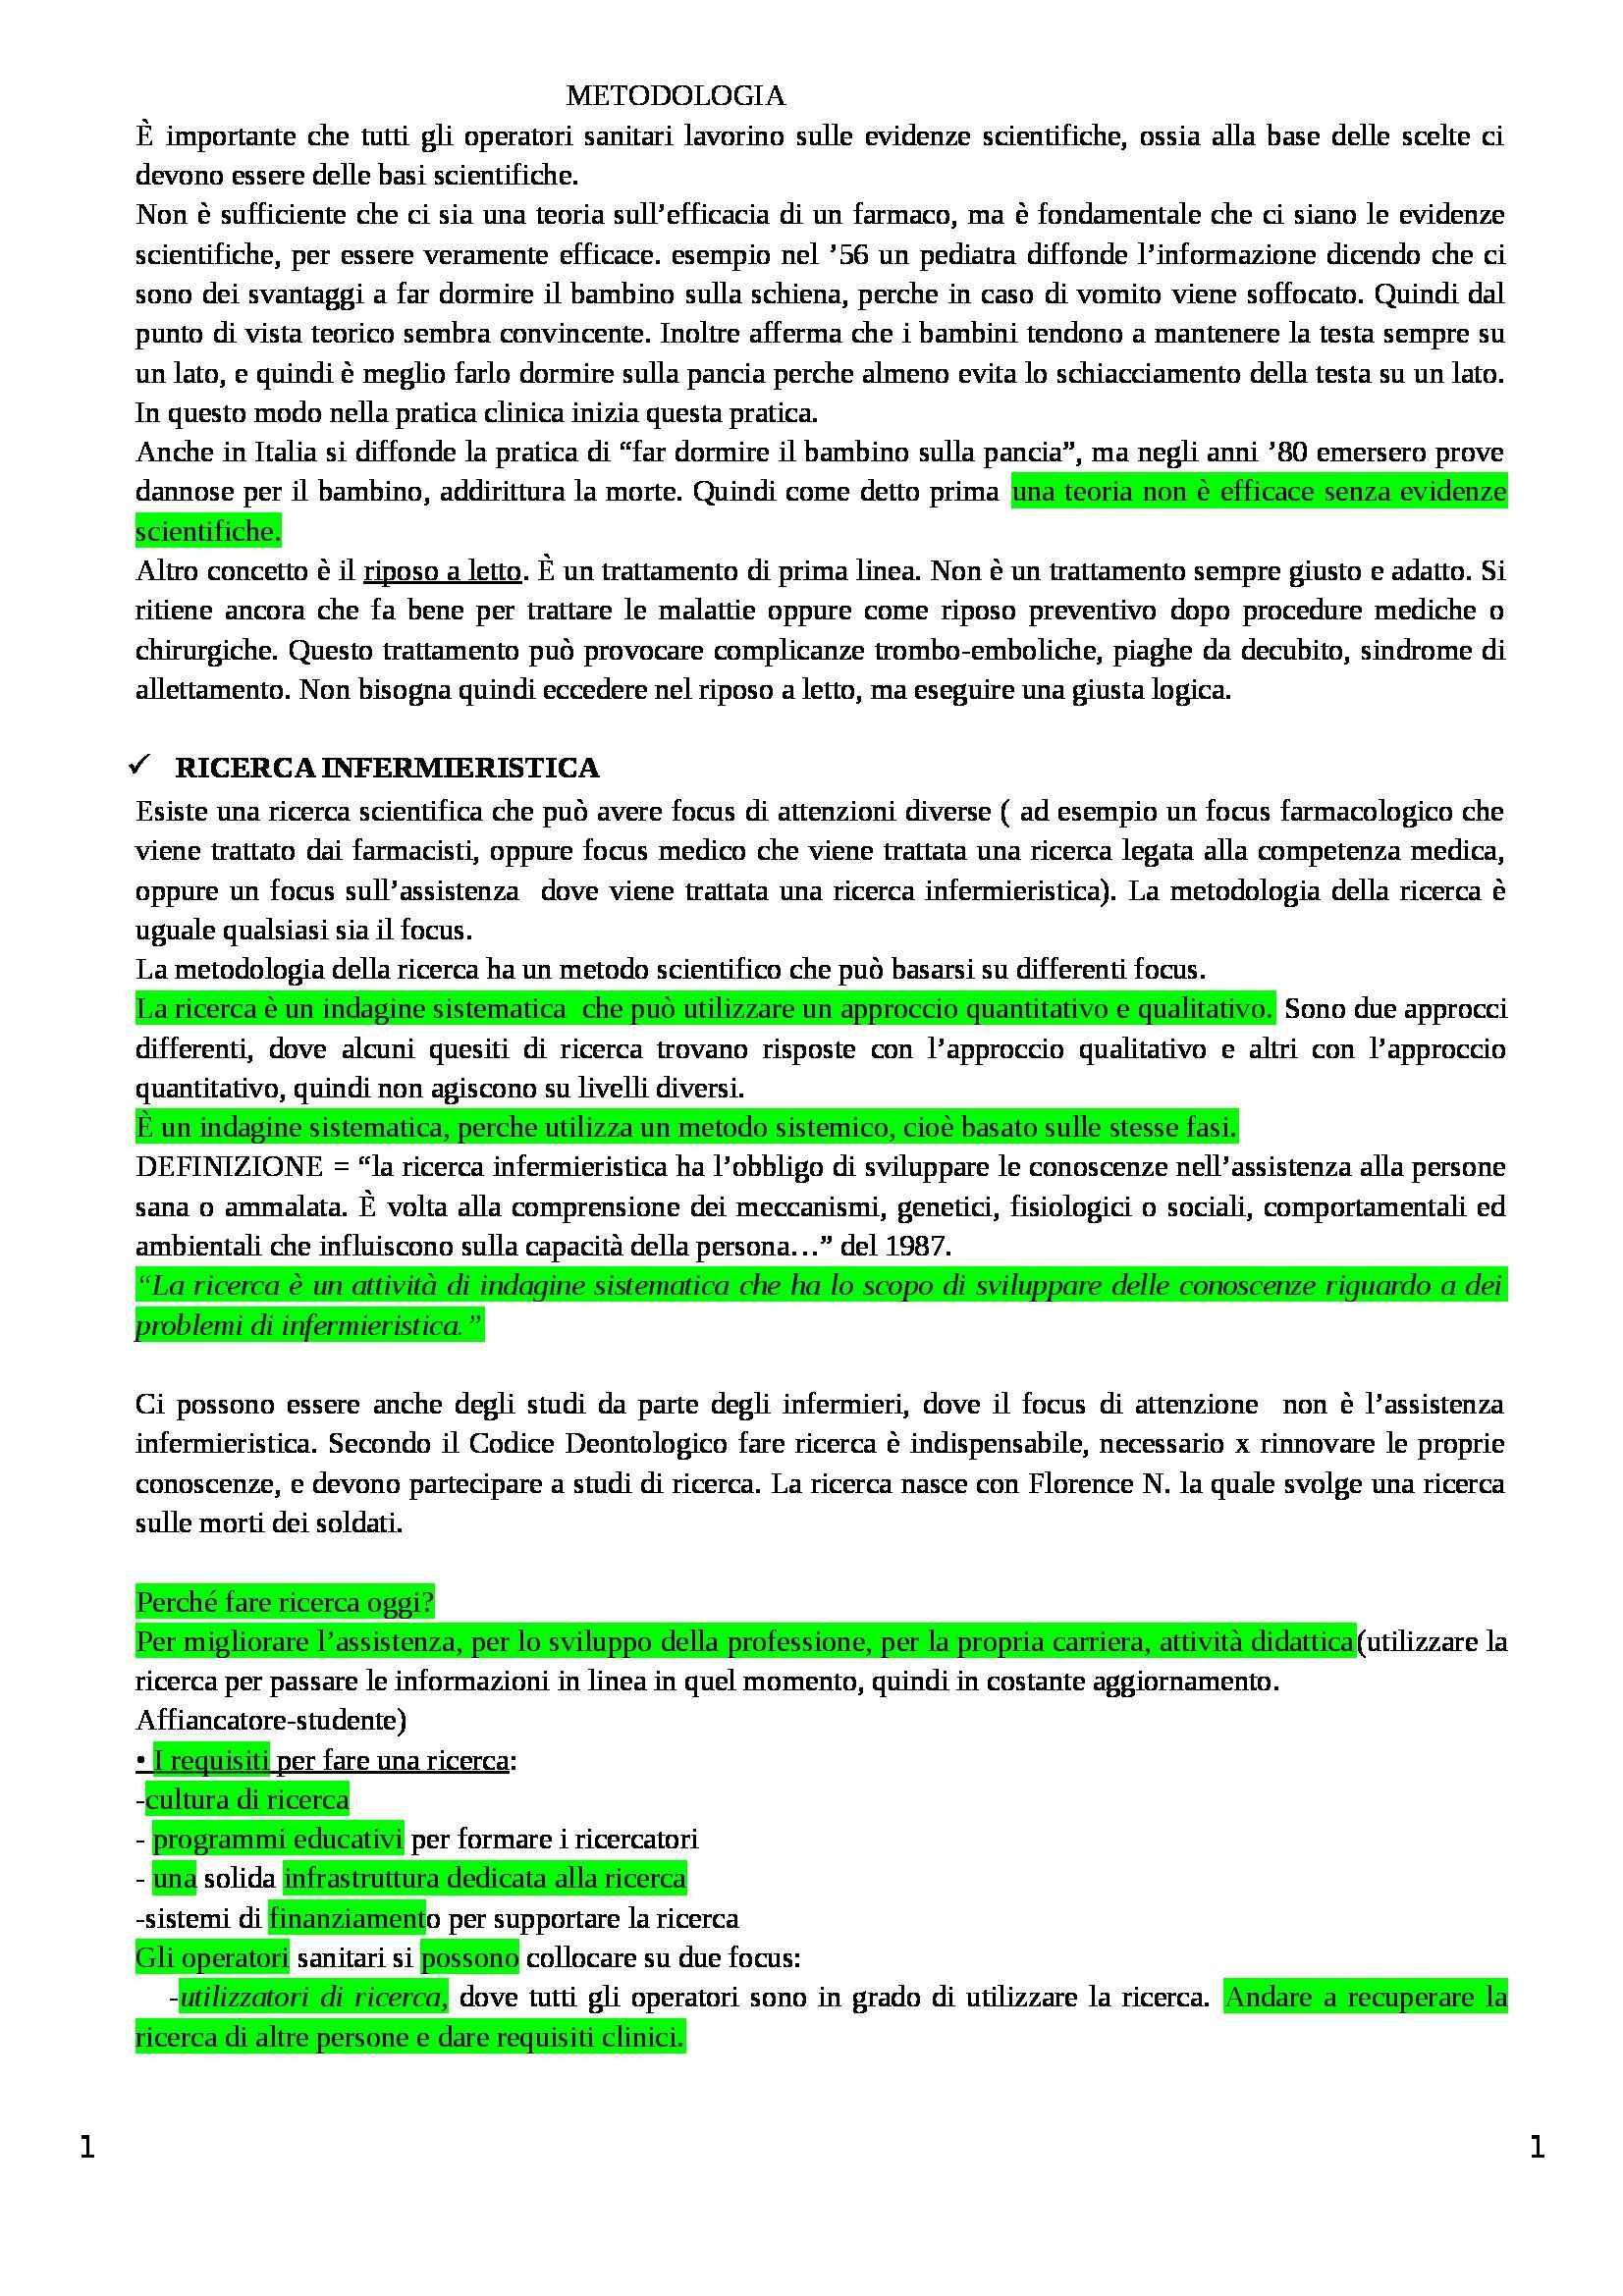 Riassunto esame Metodologia della ricerca di base, prof. Dal Molin